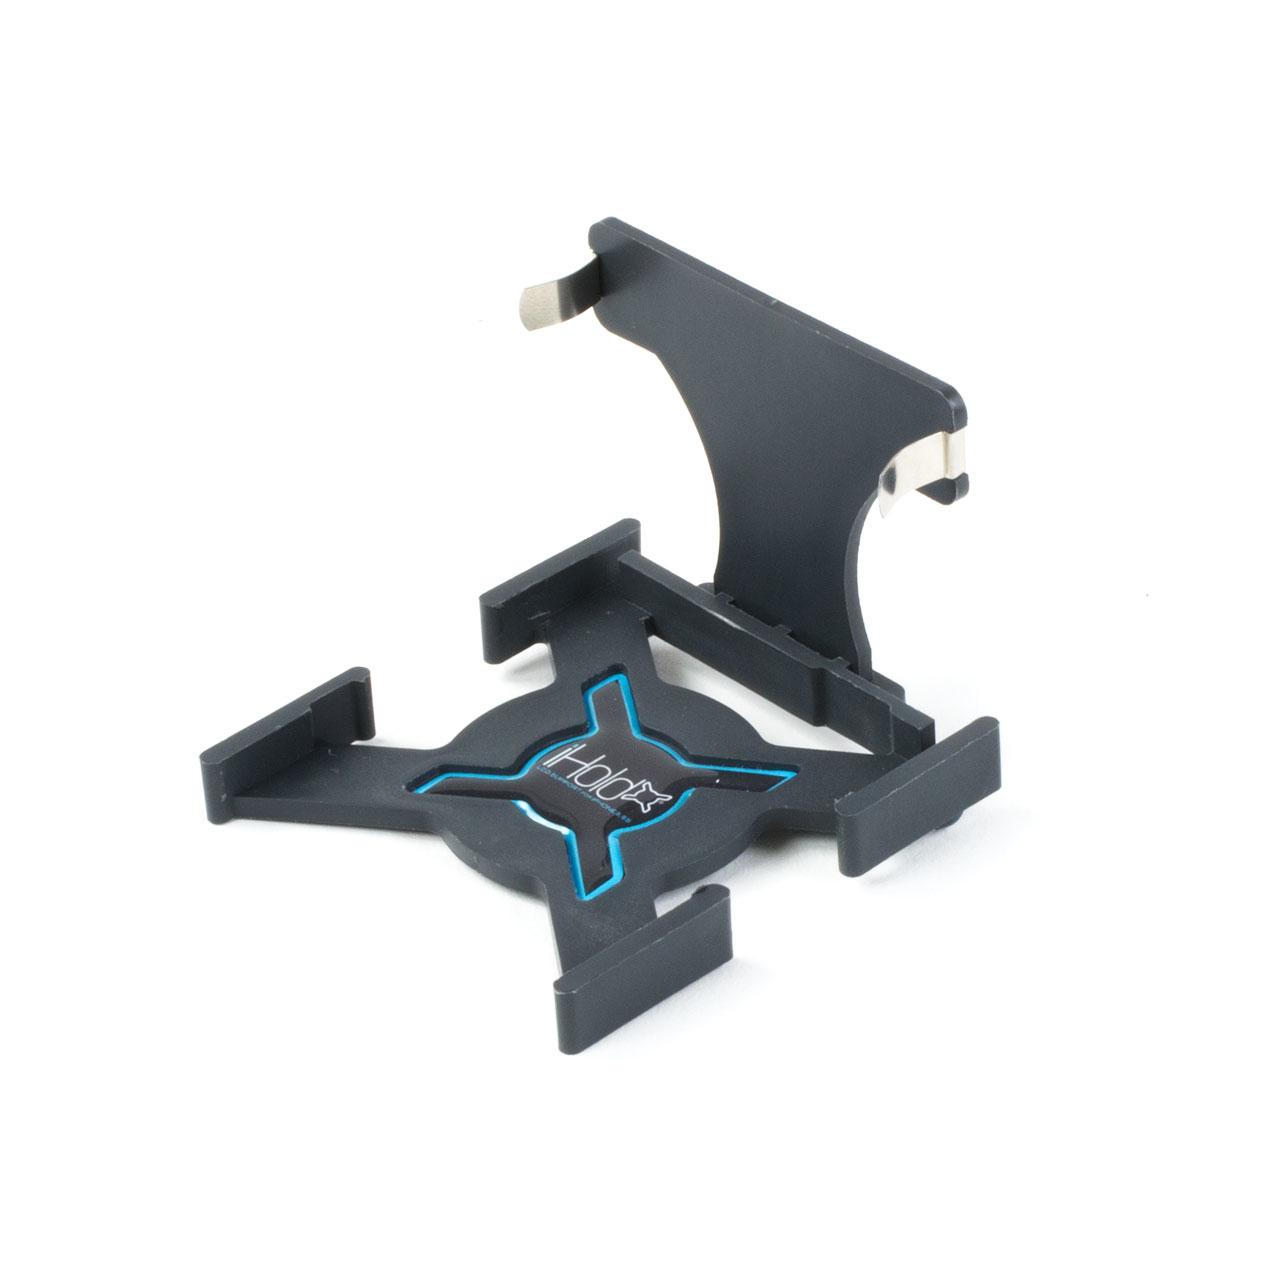 iFixit EU145296-2 1 tools